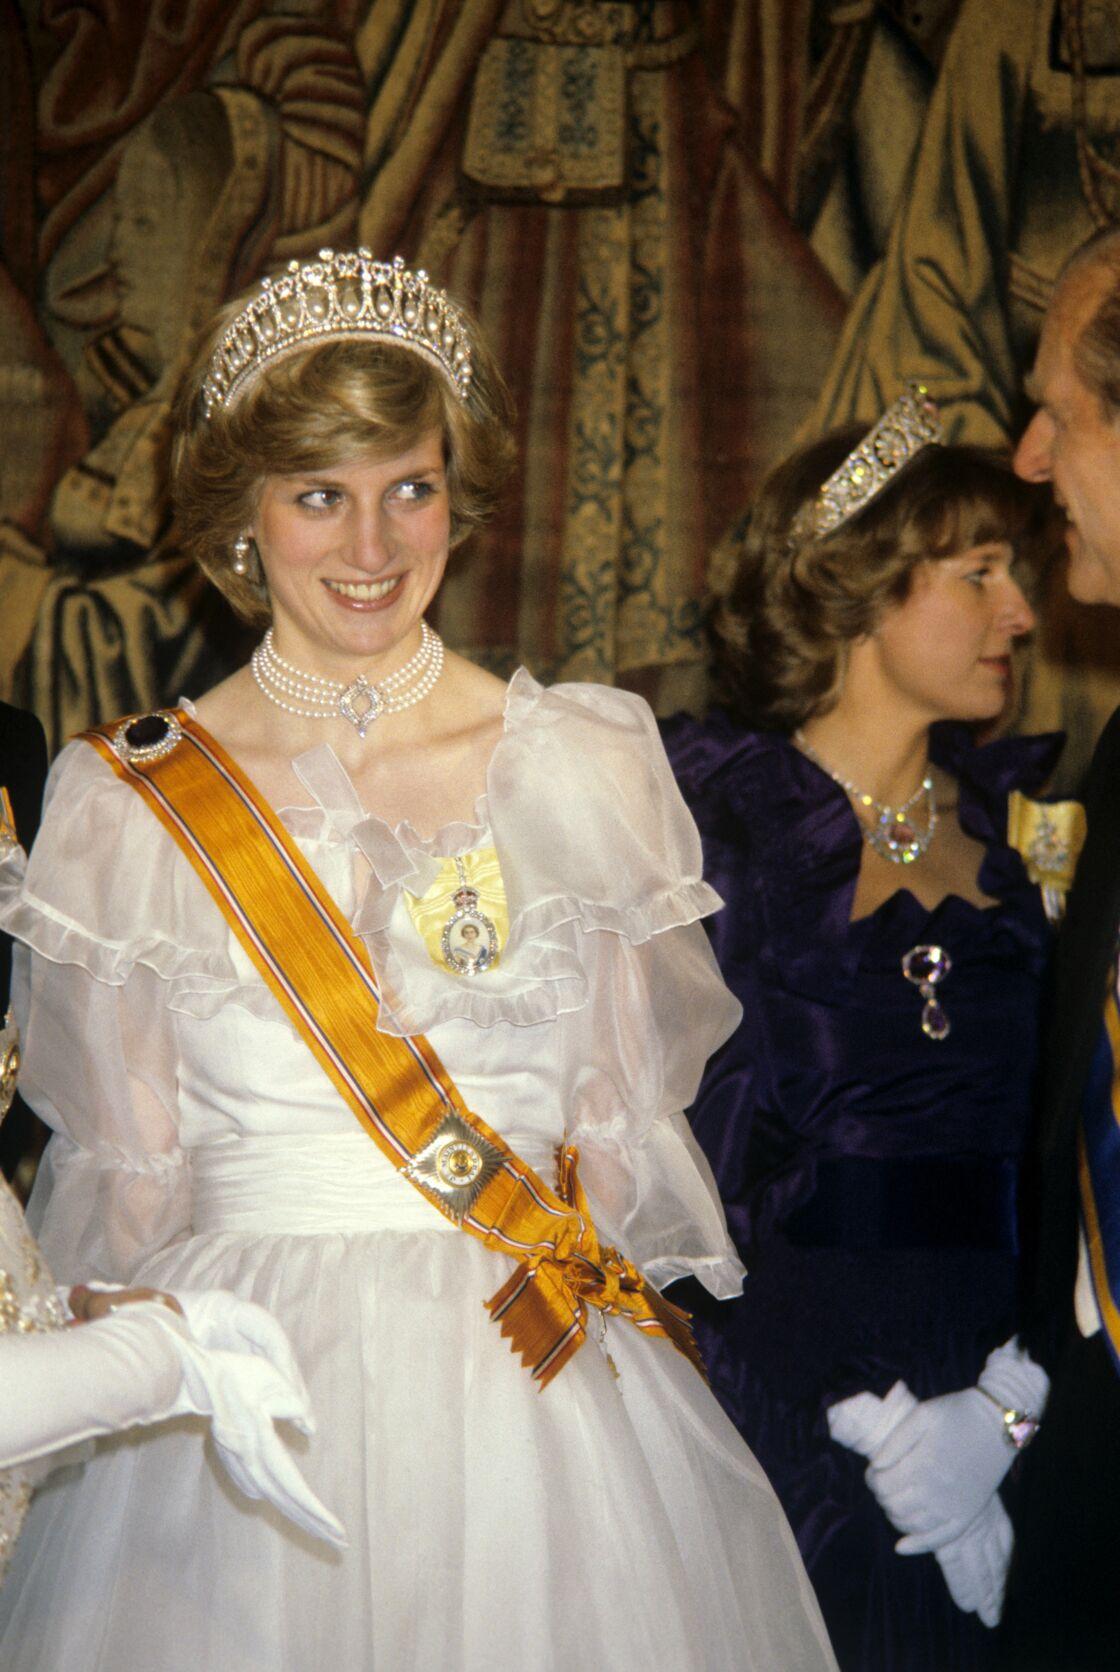 La princesse Ladi Diana en 1982 au banquet donné par la reine Beatrix and le Prince Claus